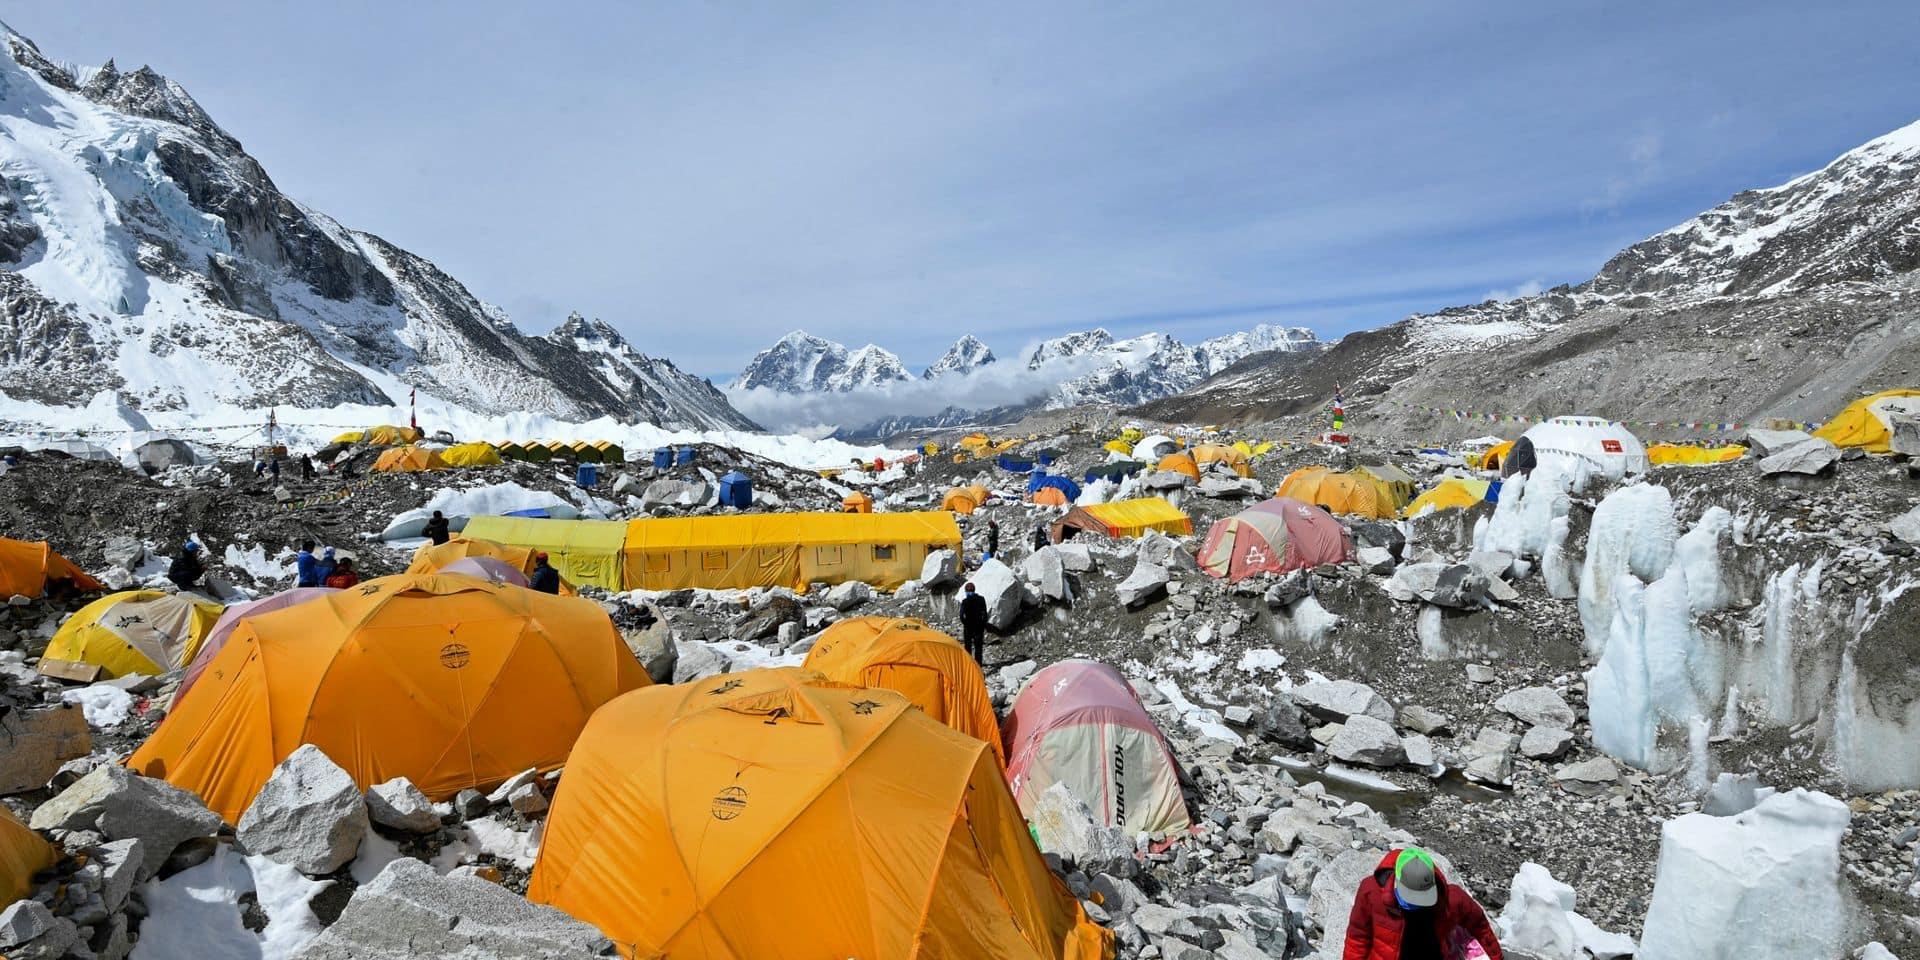 Népal: décès de deux alpinistes étrangers sur le Mont Everest